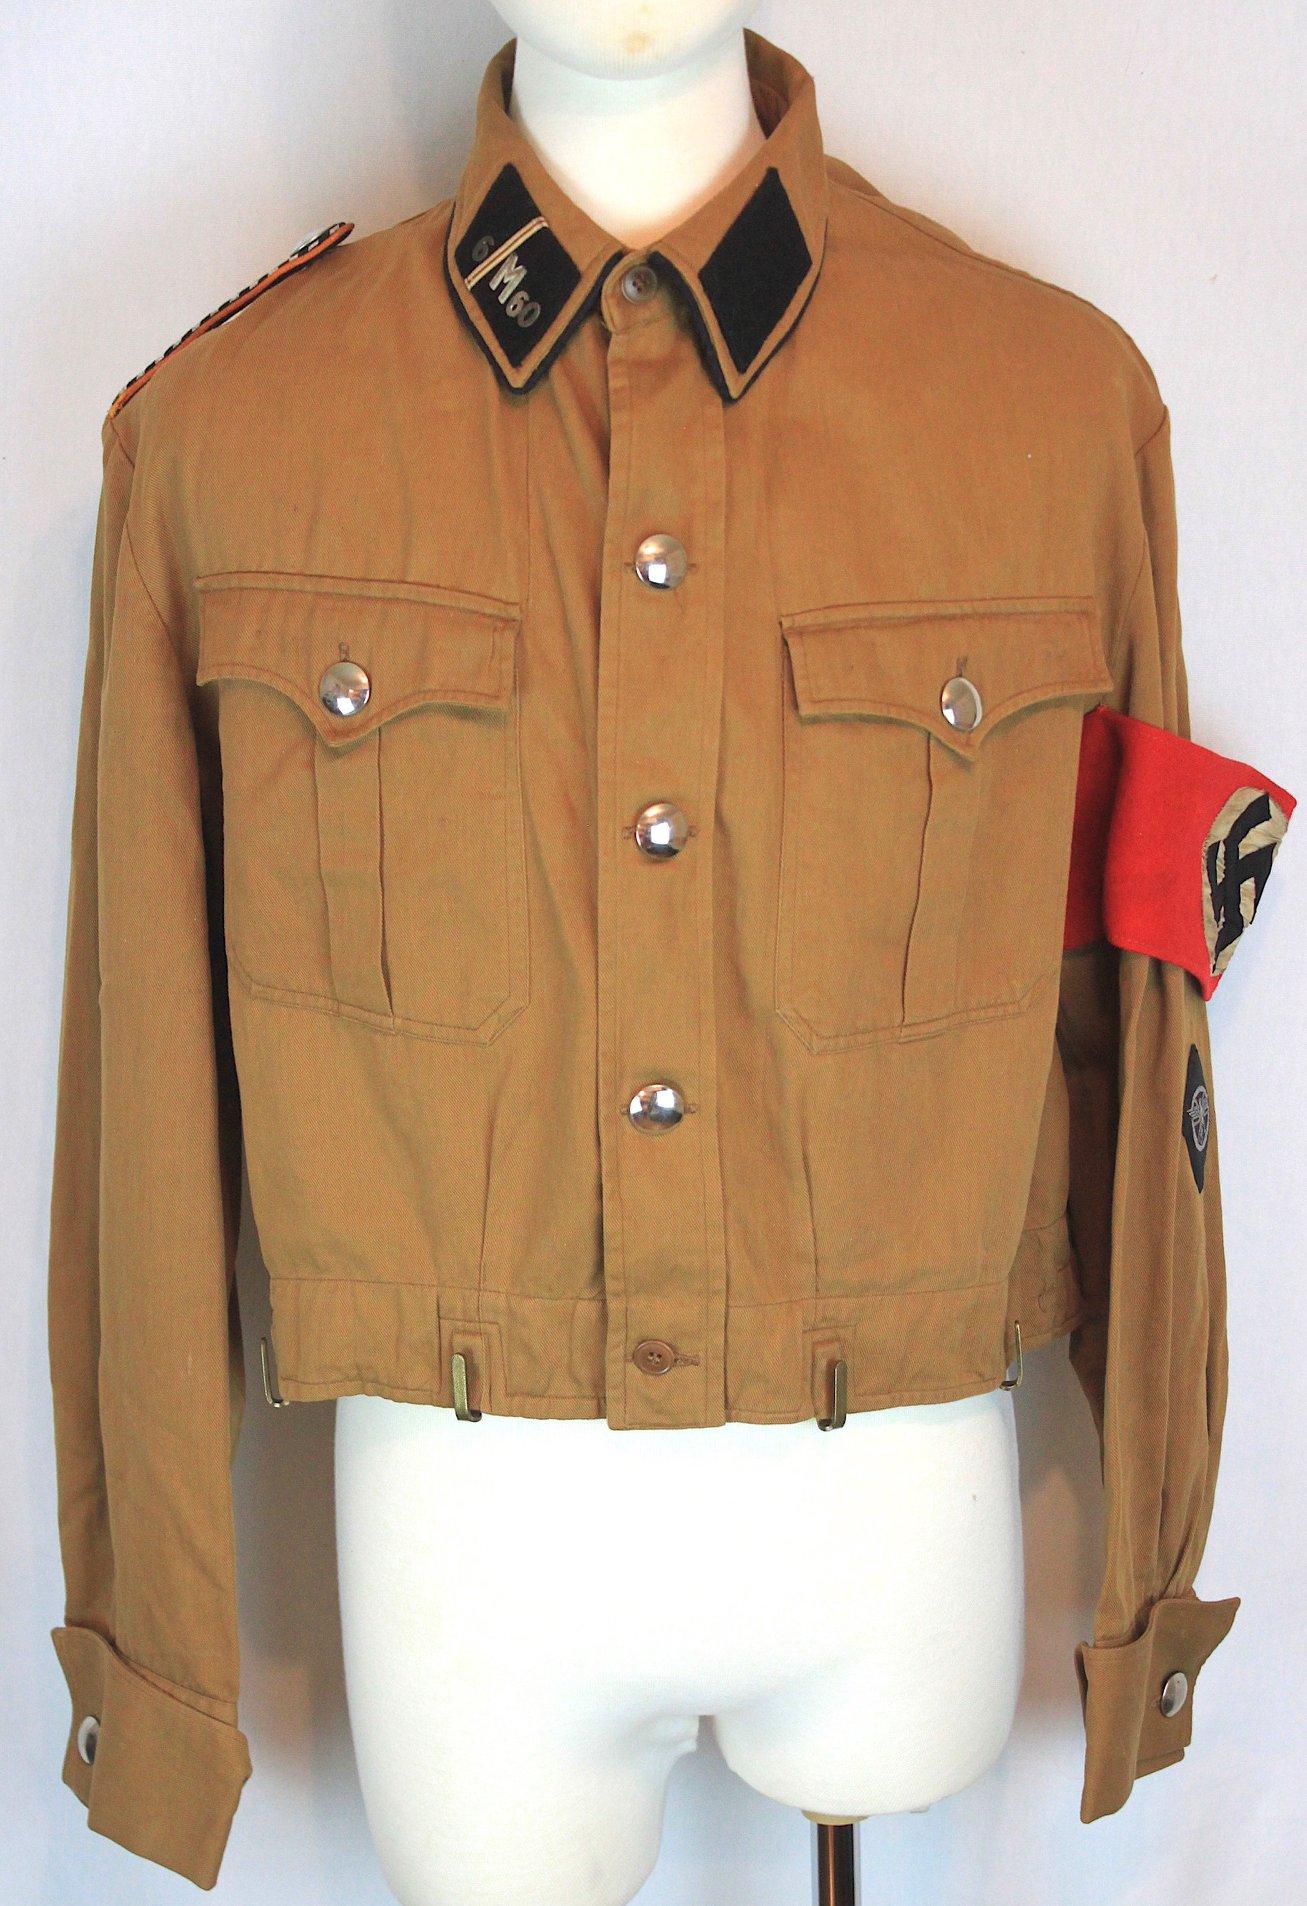 [已售出 SOLD] 納粹德國NSKK制服